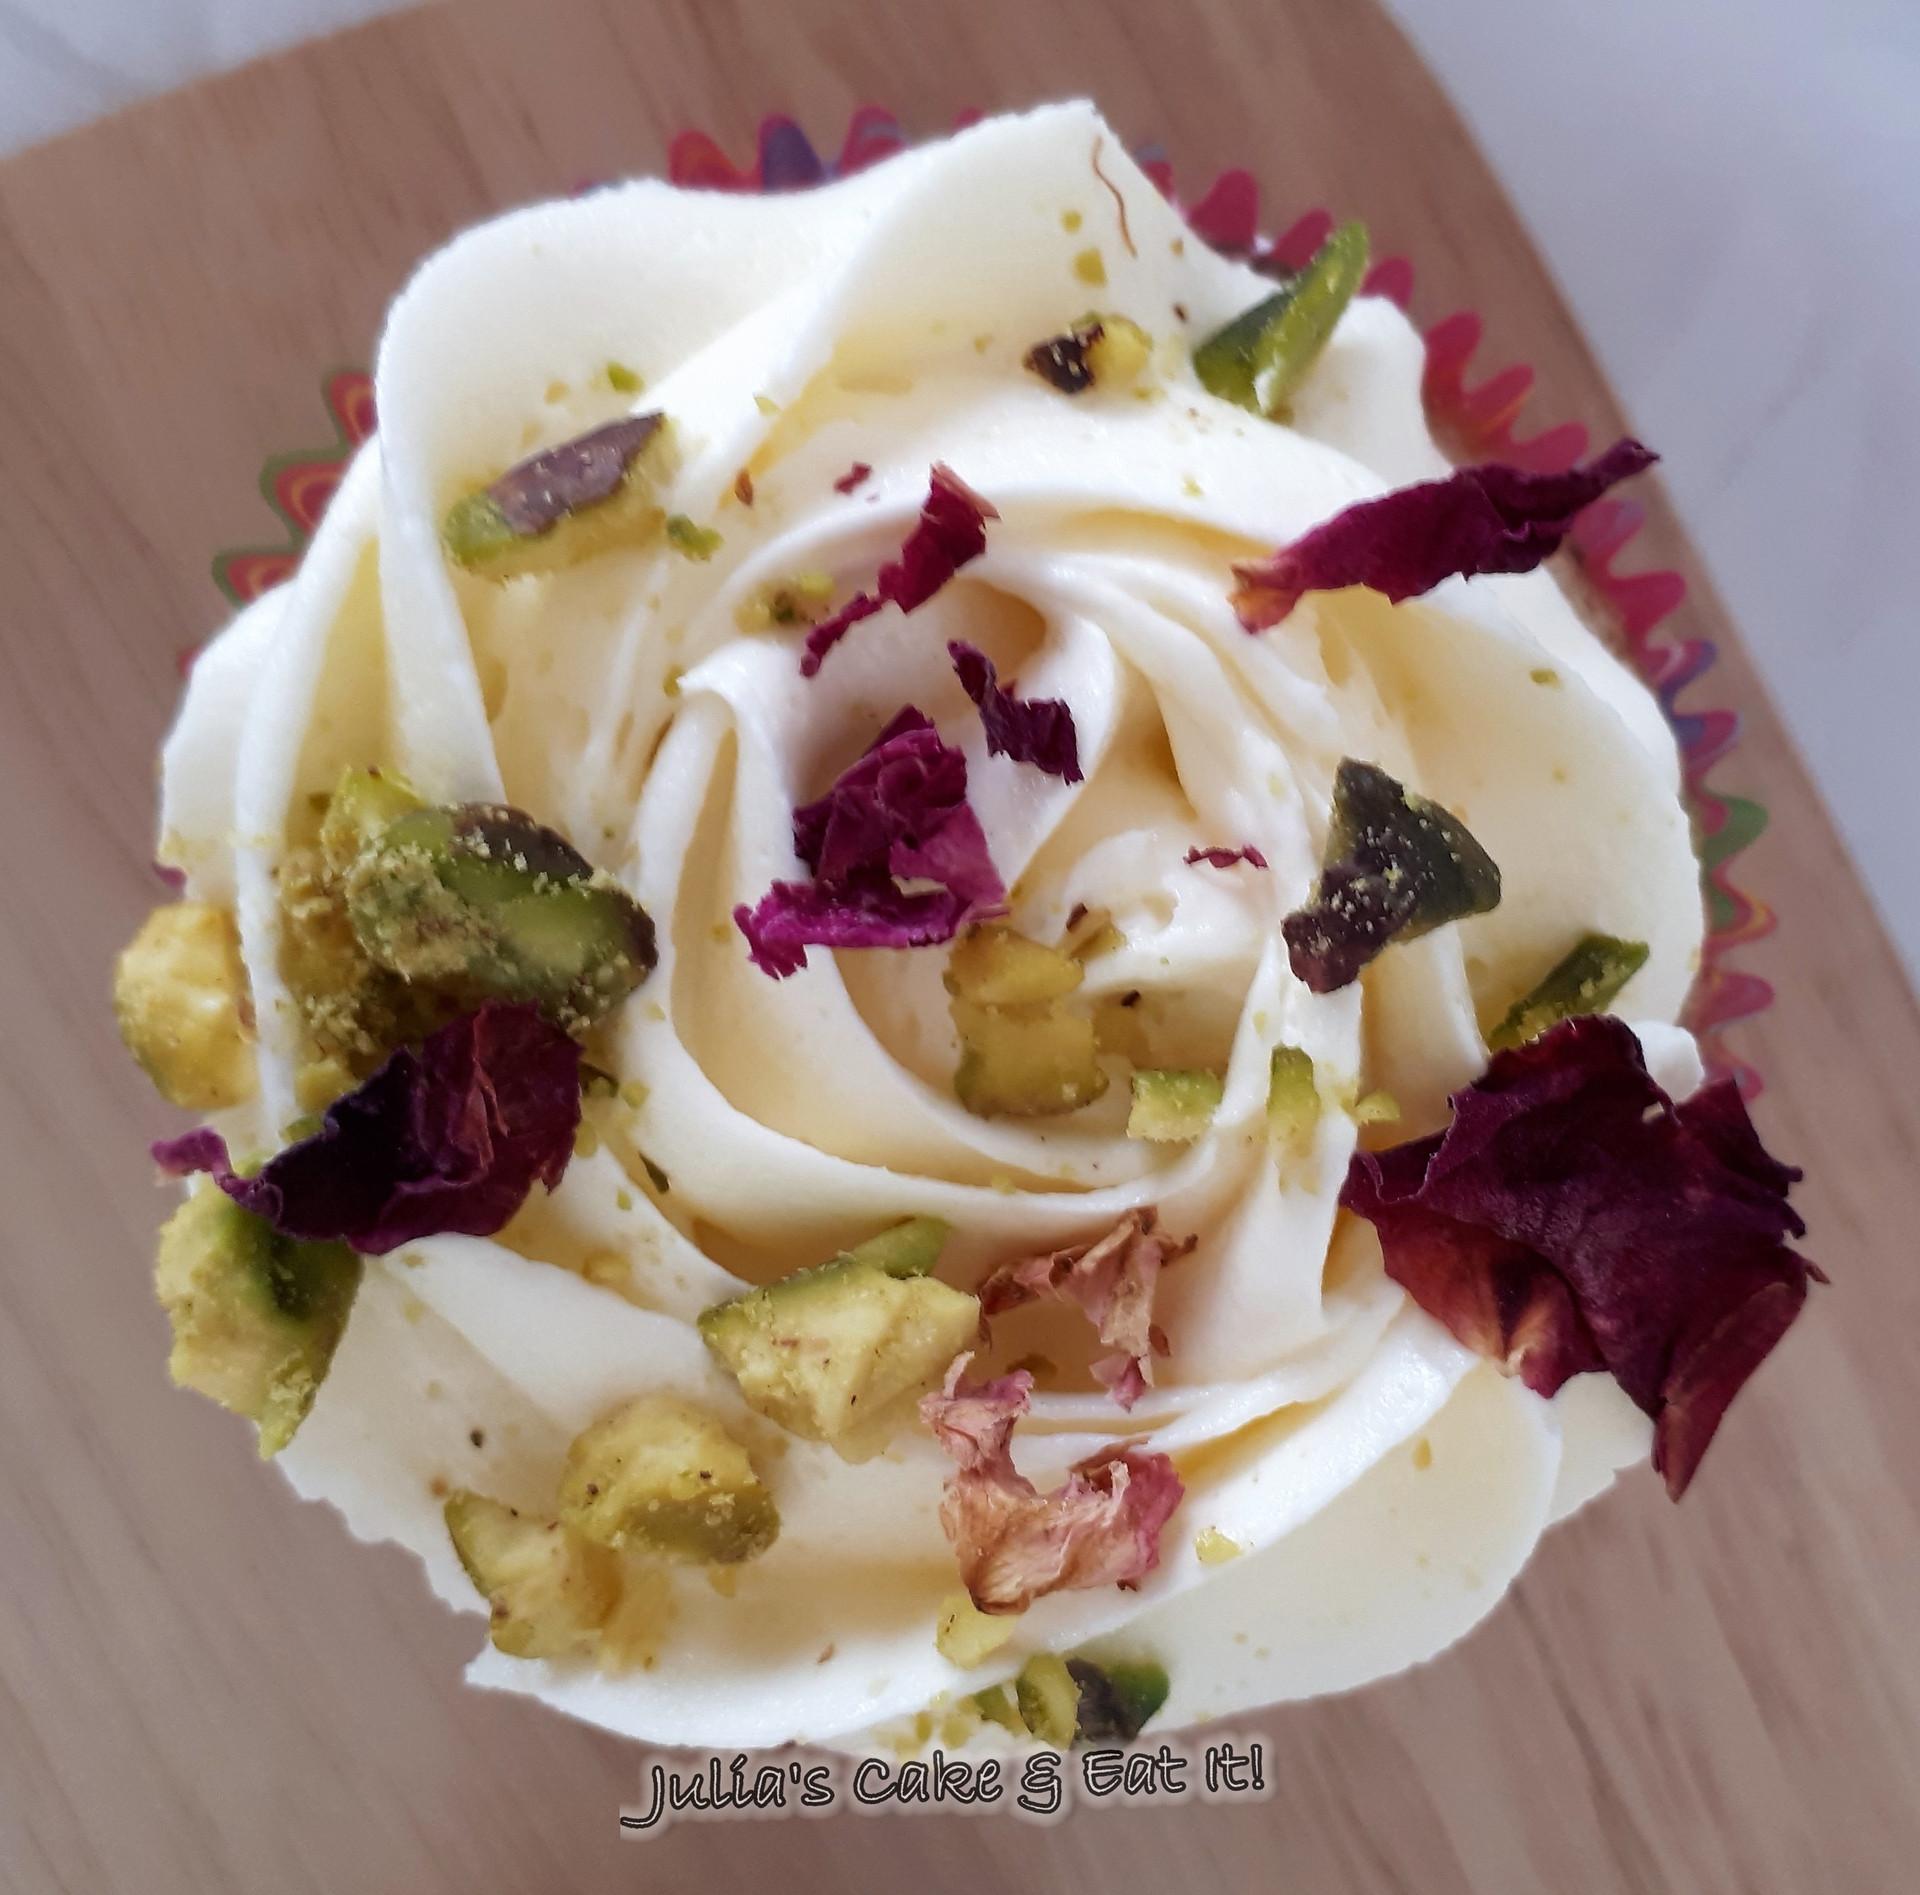 Rose & Pistachio Cupcake